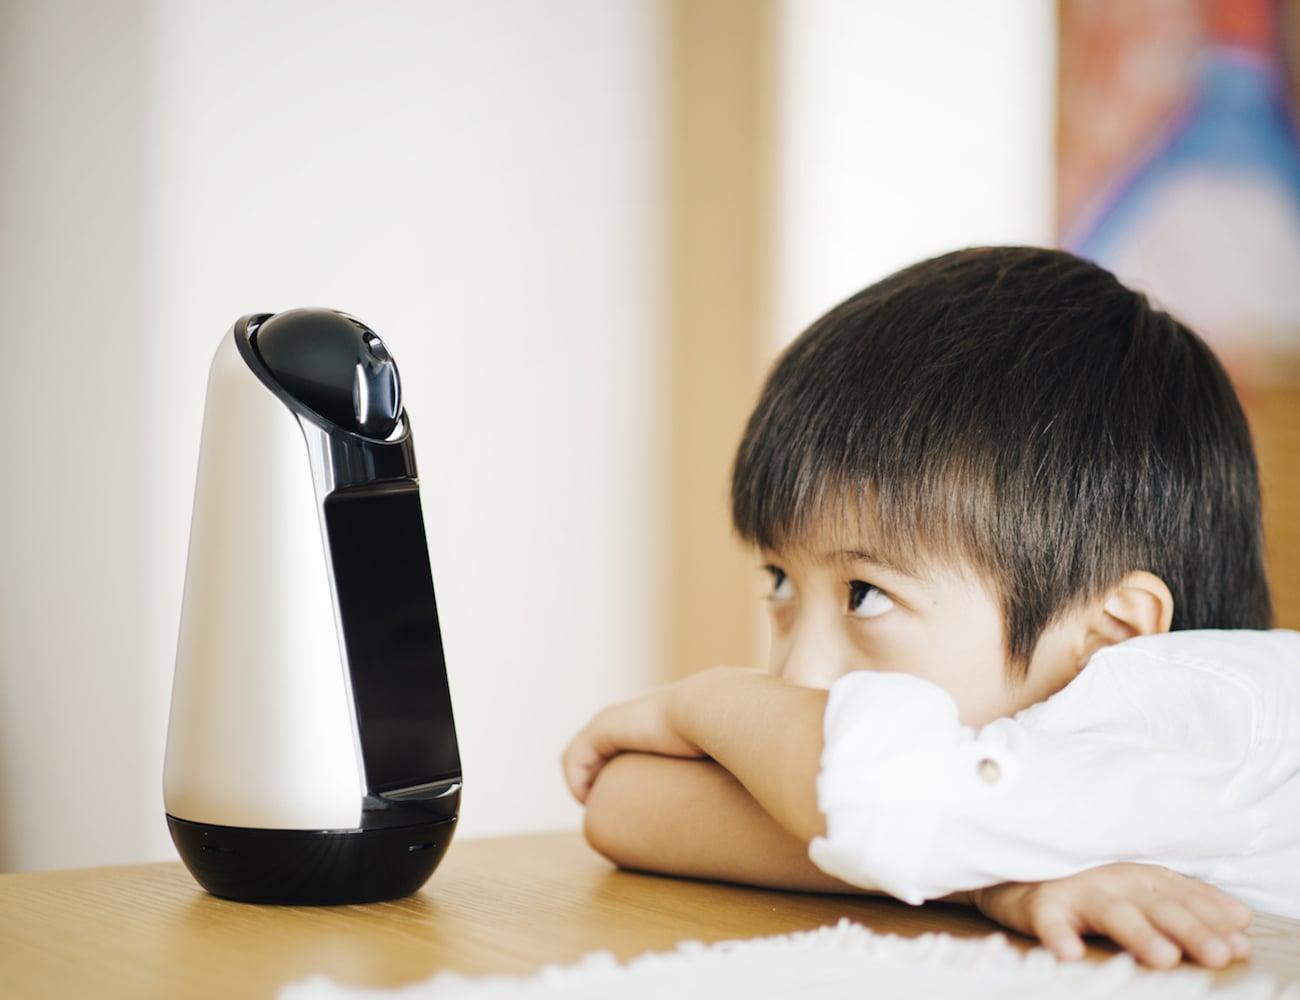 Sony Xperia Hello Robot Speaker